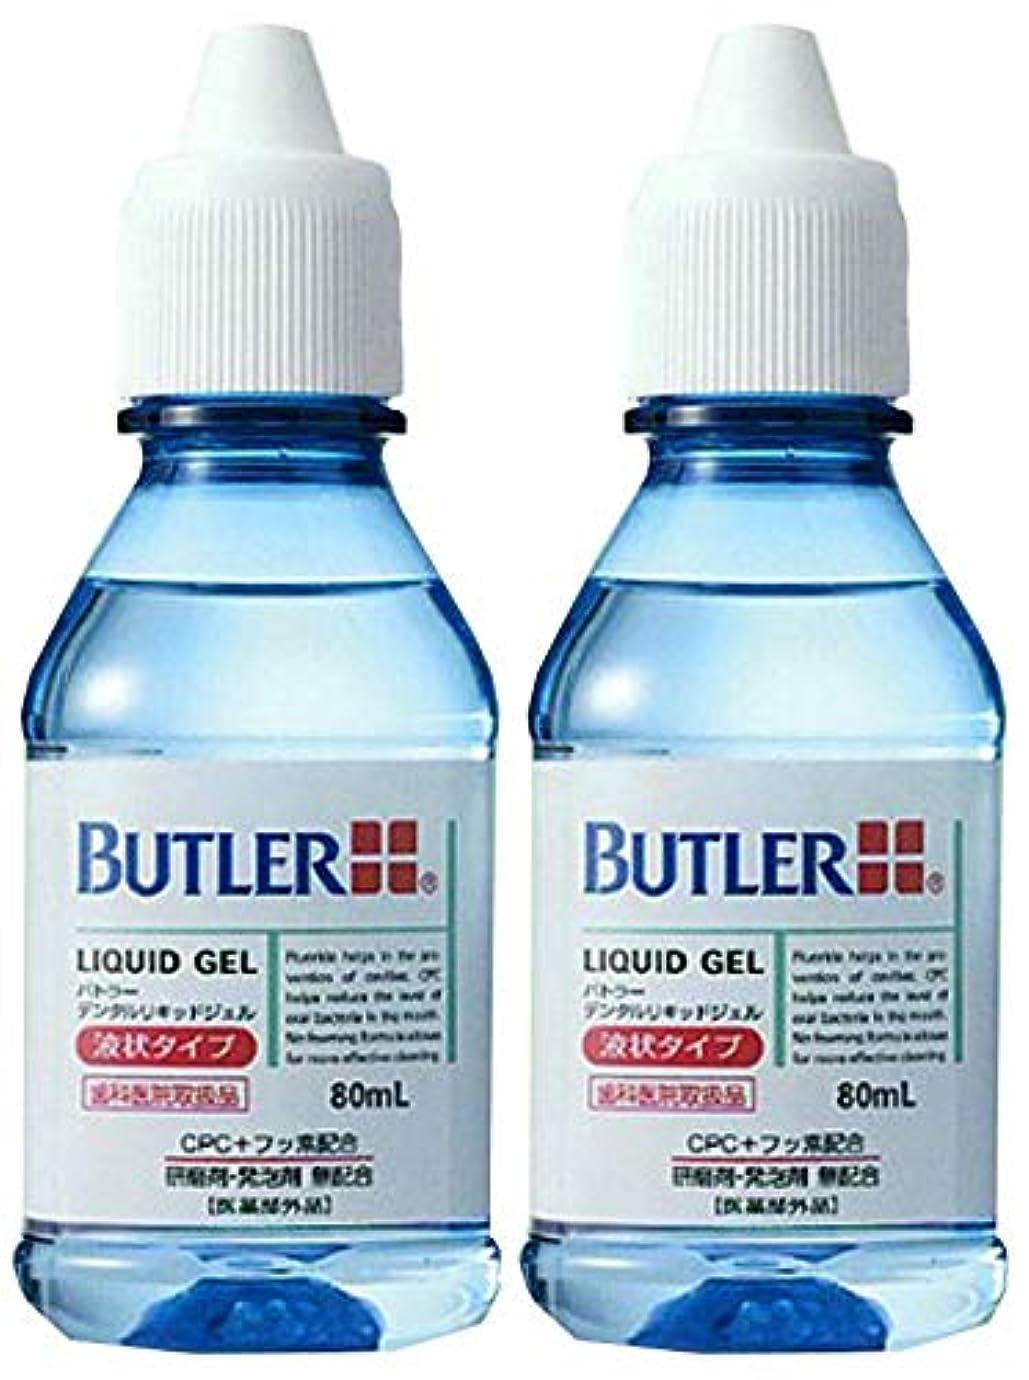 薬を飲む岩早いバトラー デンタルリキッドジェル #1270P 80ml × 2本 医薬部外品